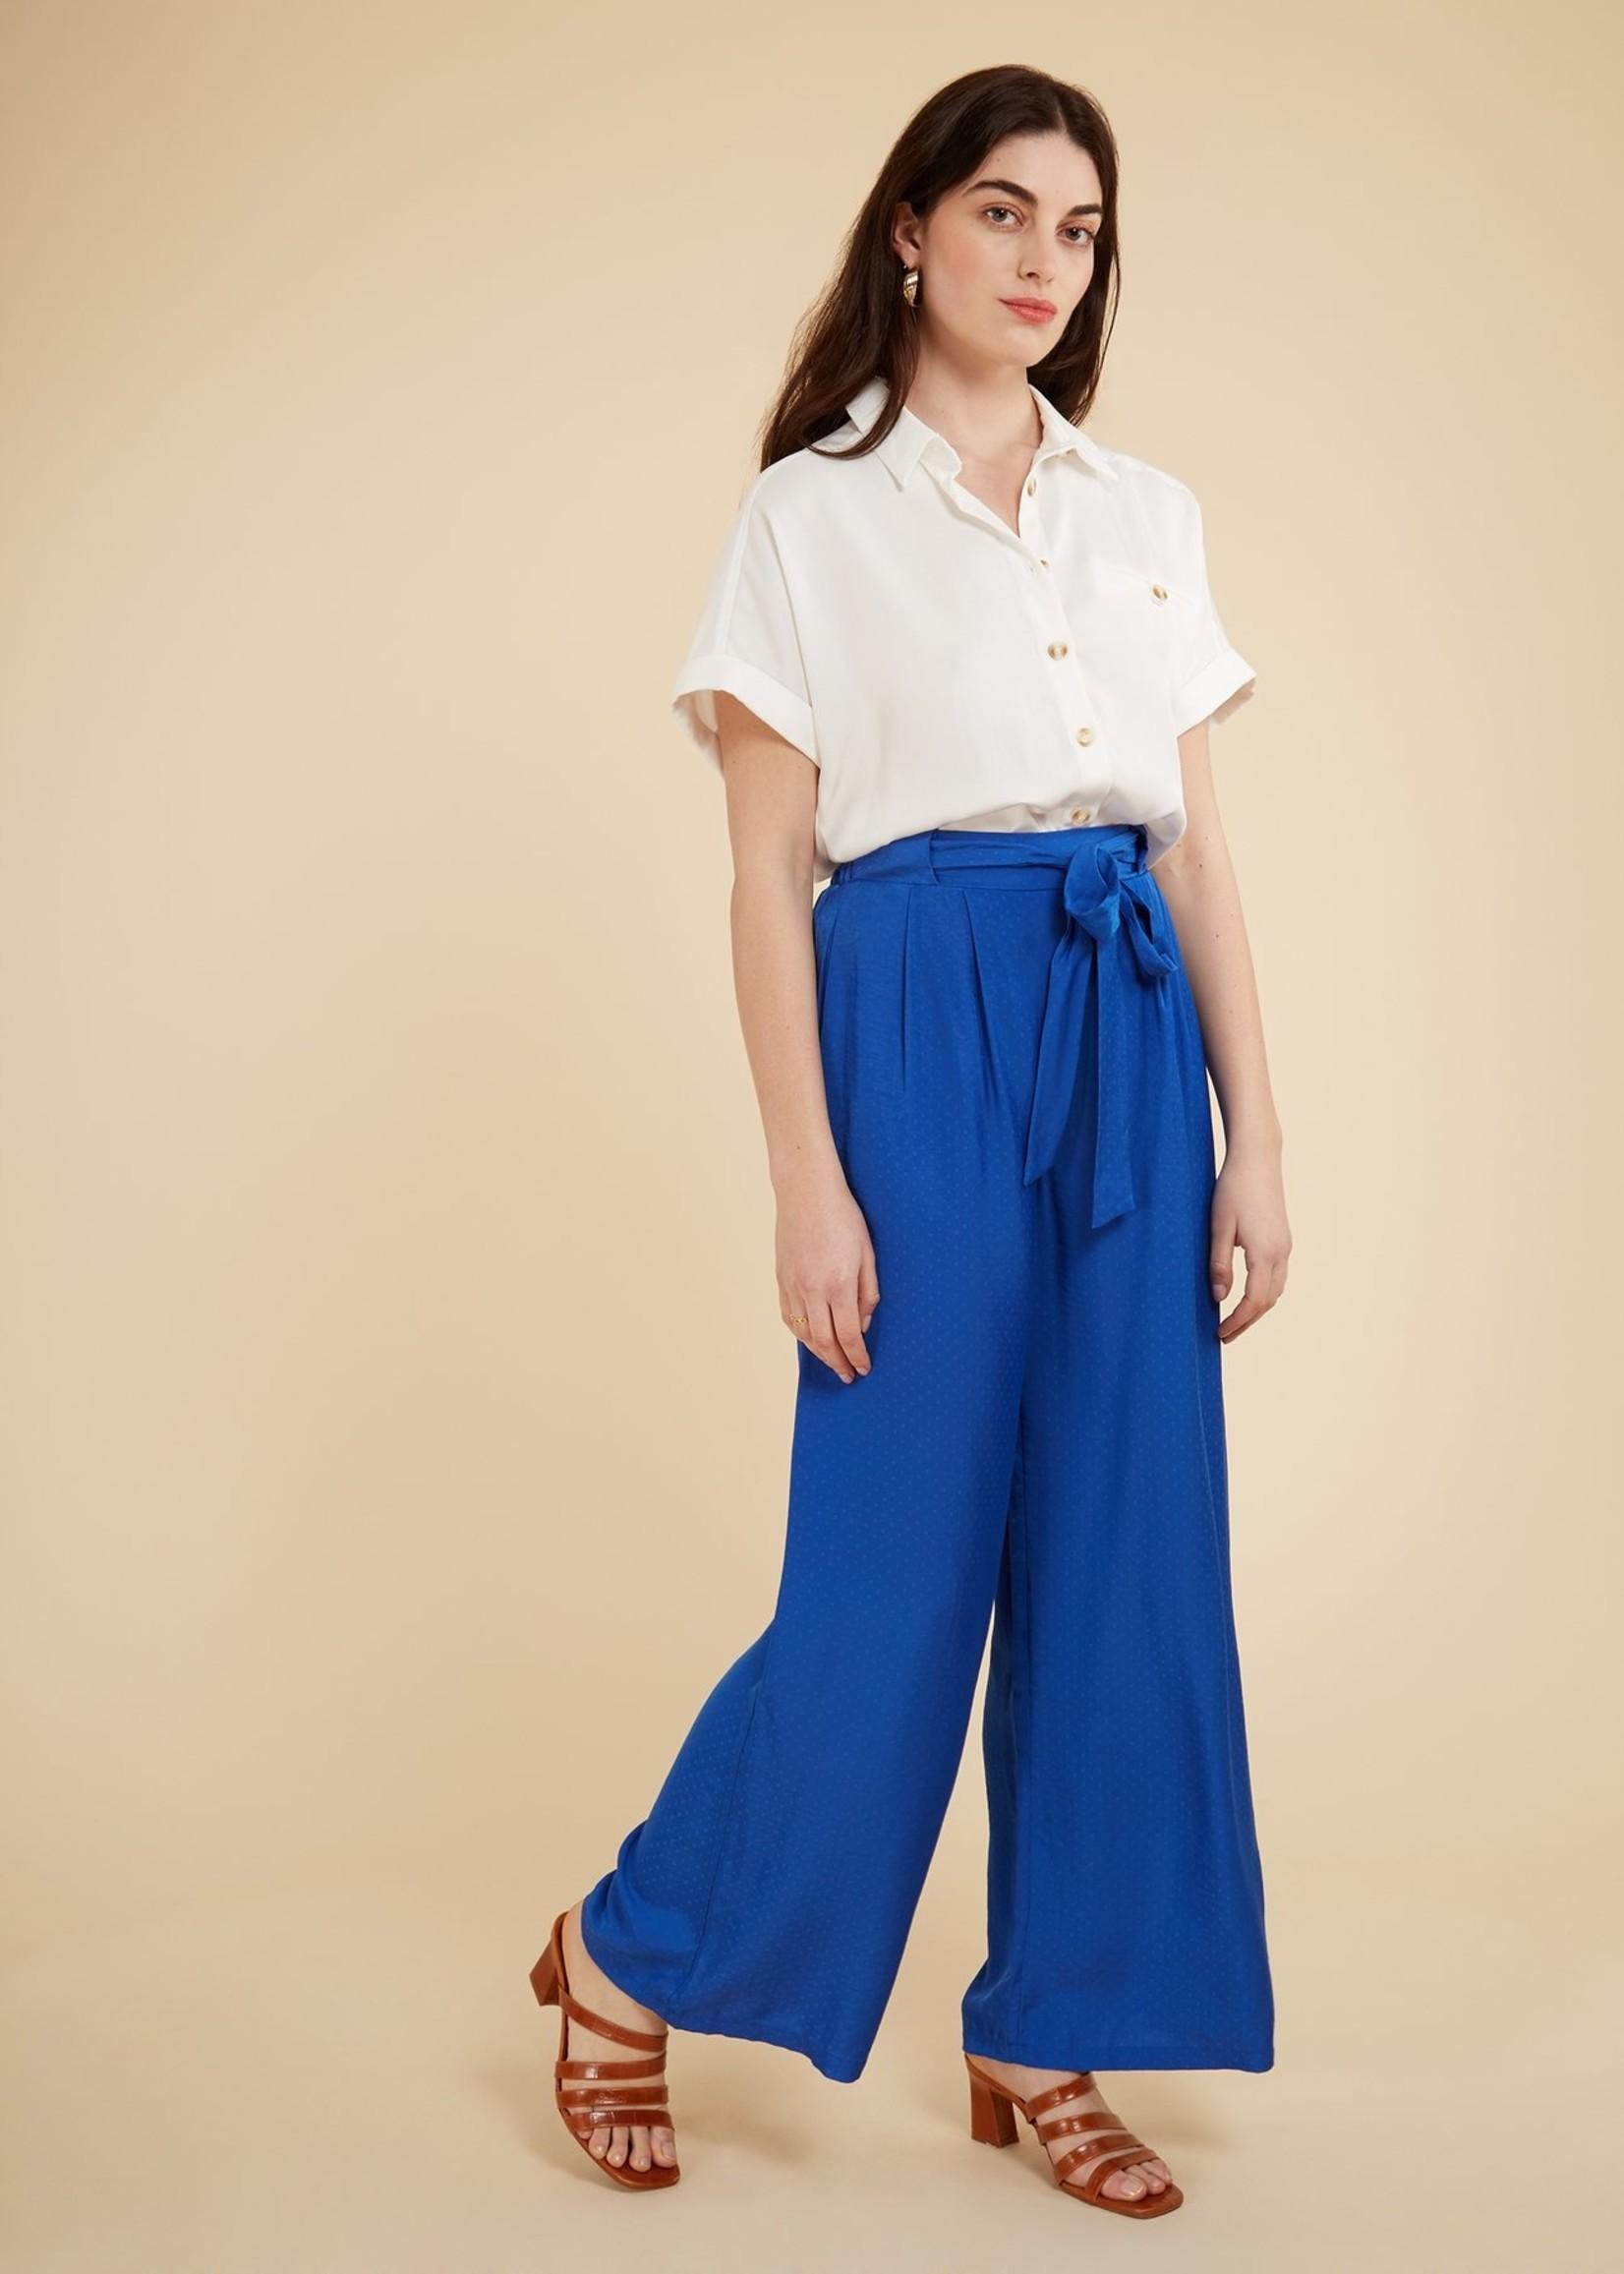 Elitaire Boutique Celestial Electric Blue Pants